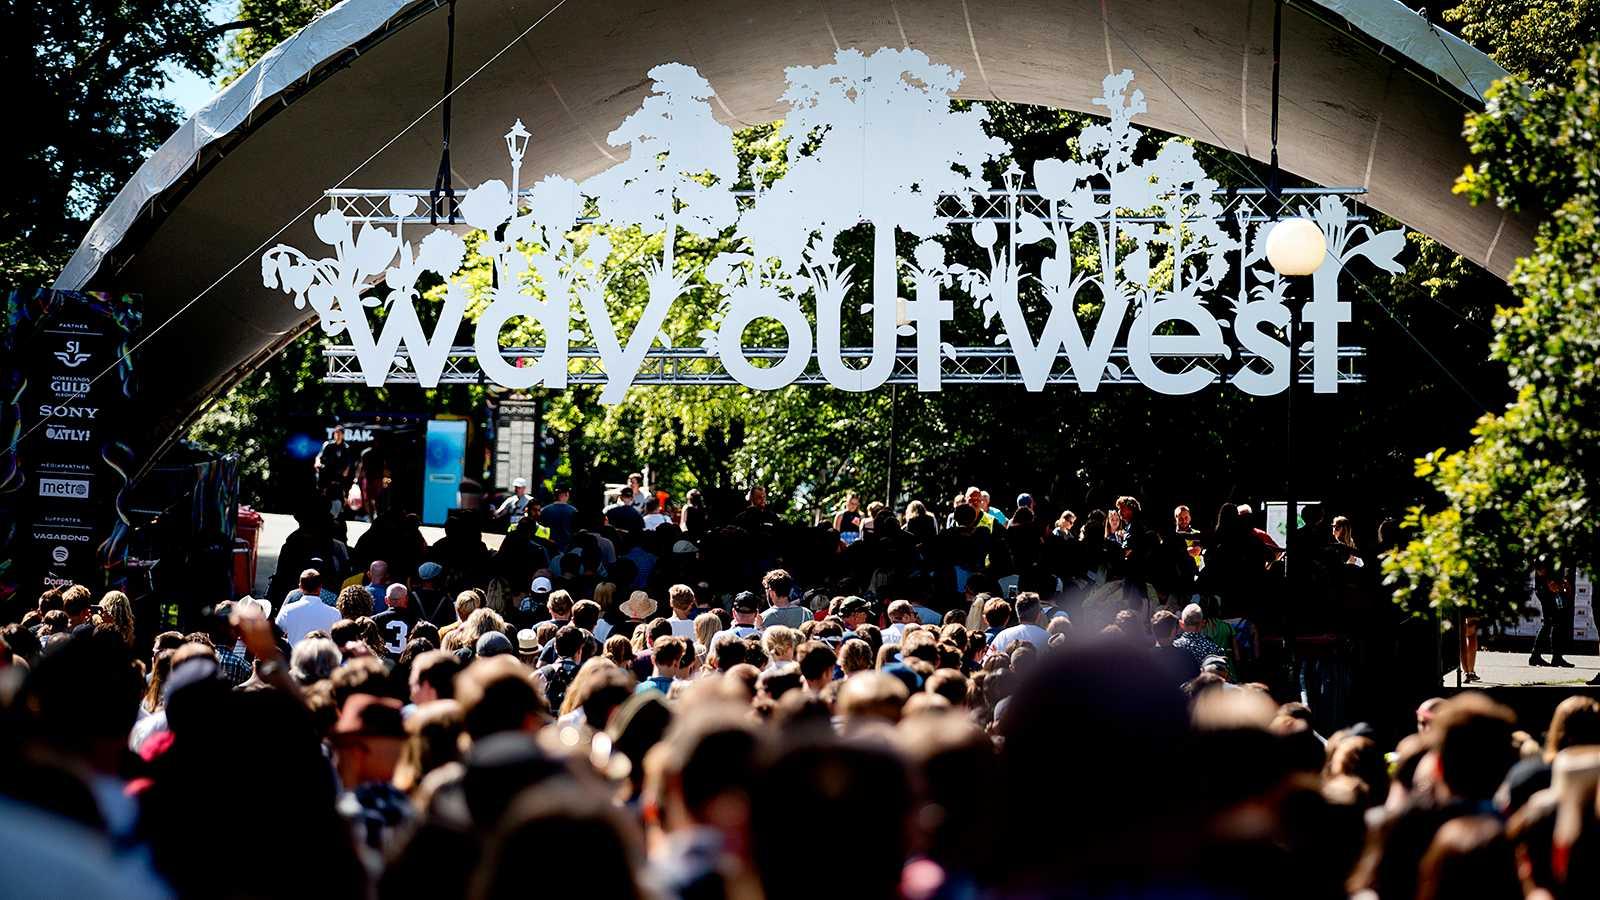 Way out west har i år arrangerats i 12 år.